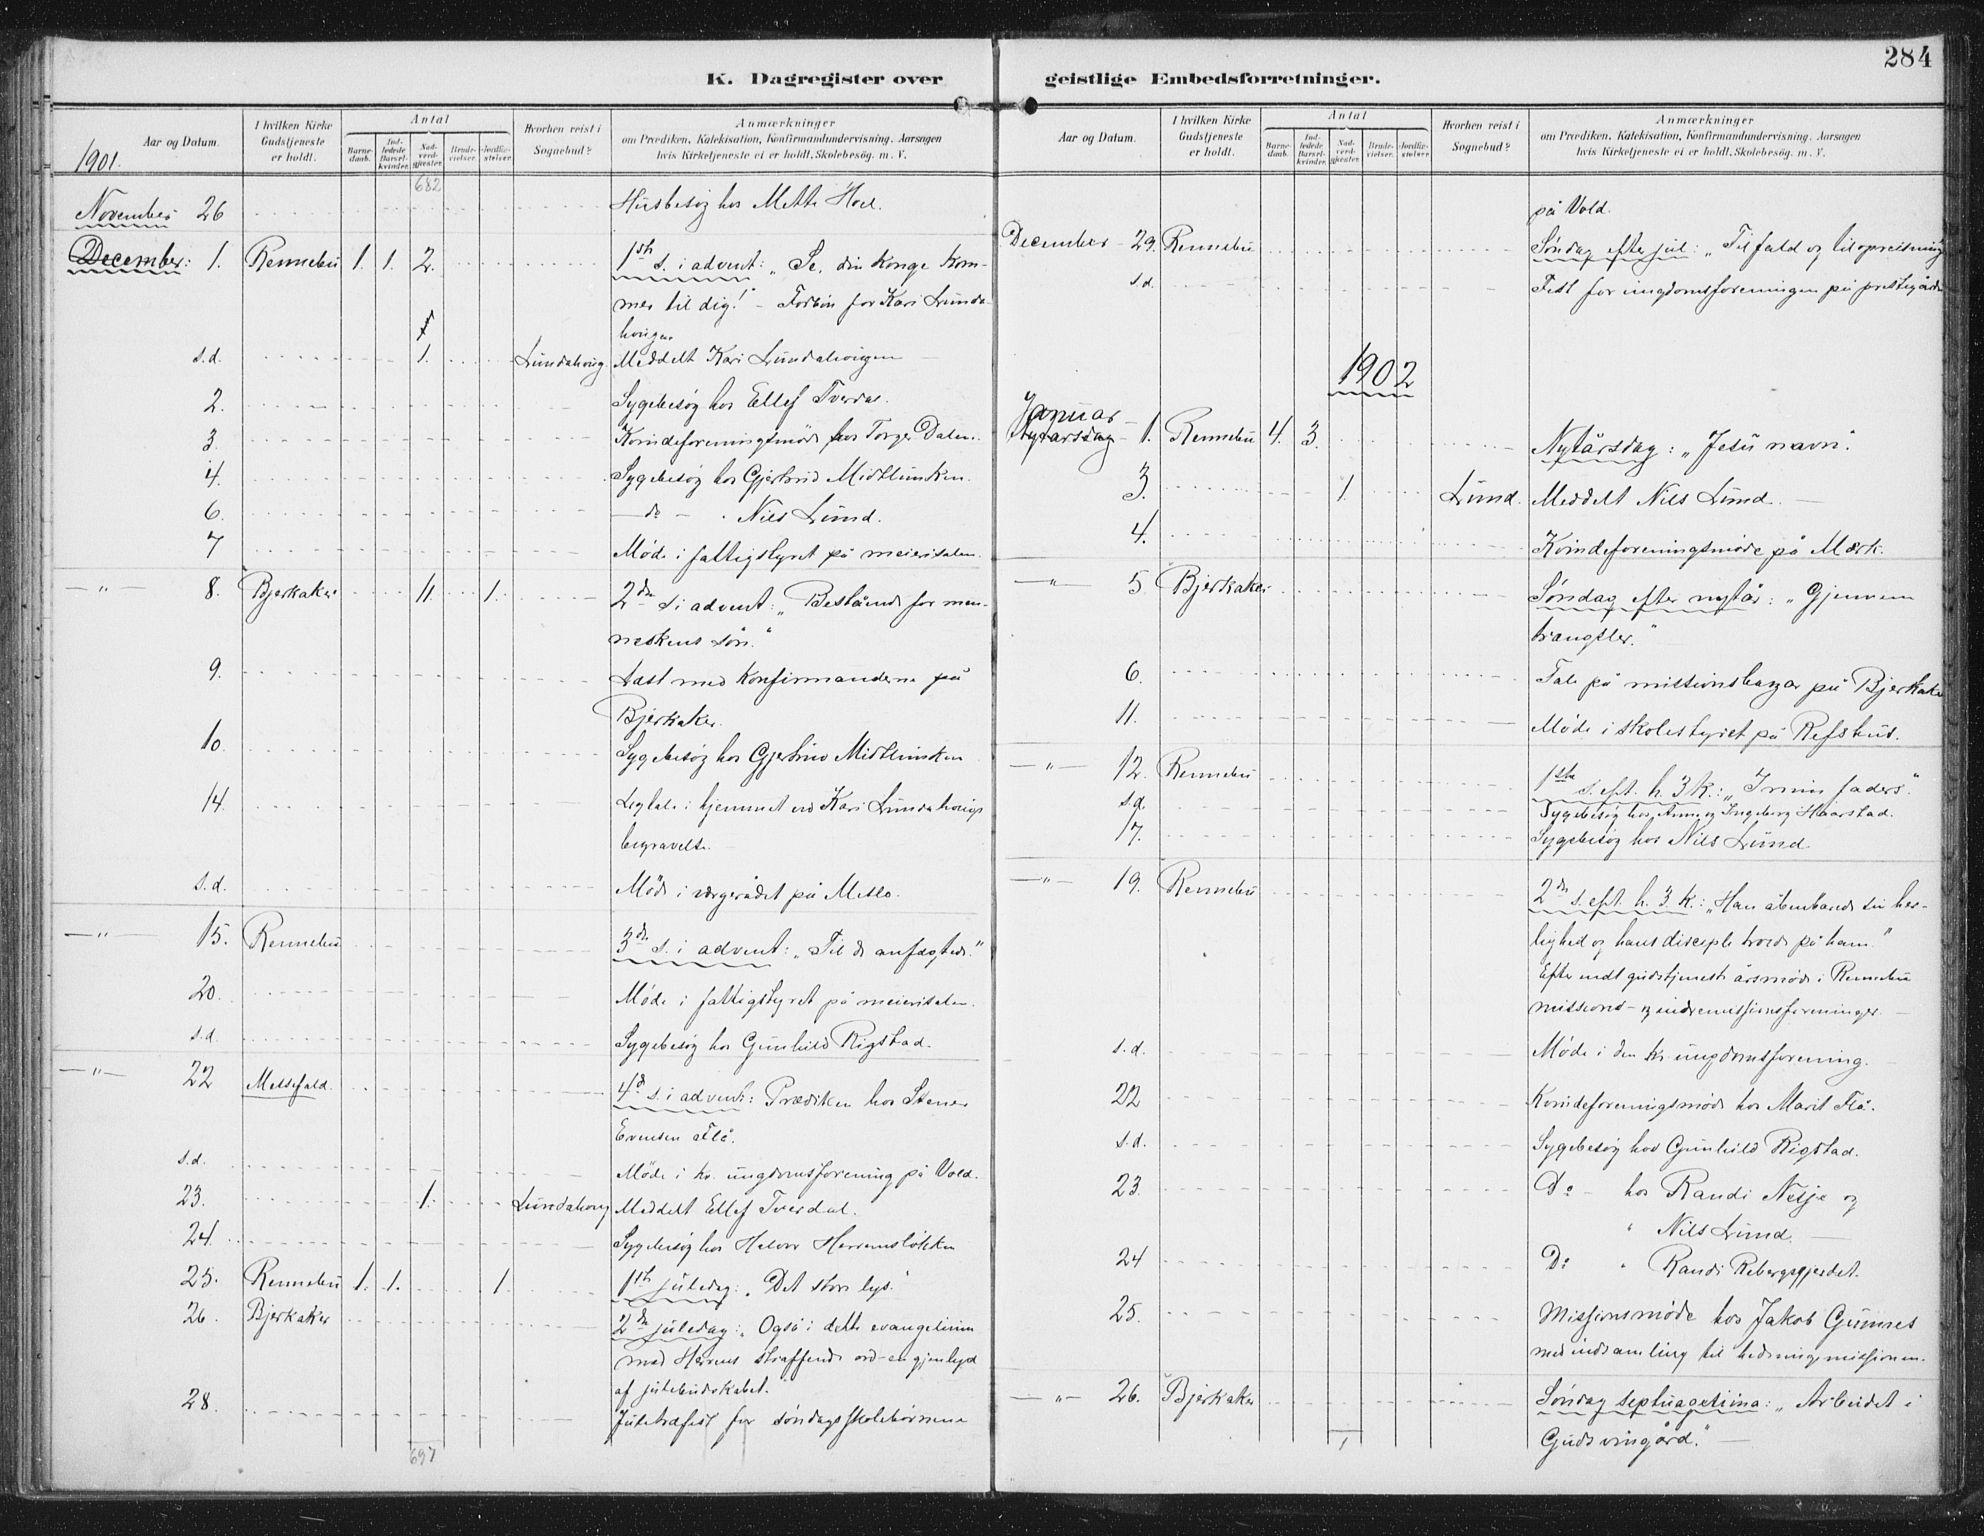 SAT, Ministerialprotokoller, klokkerbøker og fødselsregistre - Sør-Trøndelag, 674/L0872: Ministerialbok nr. 674A04, 1897-1907, s. 284